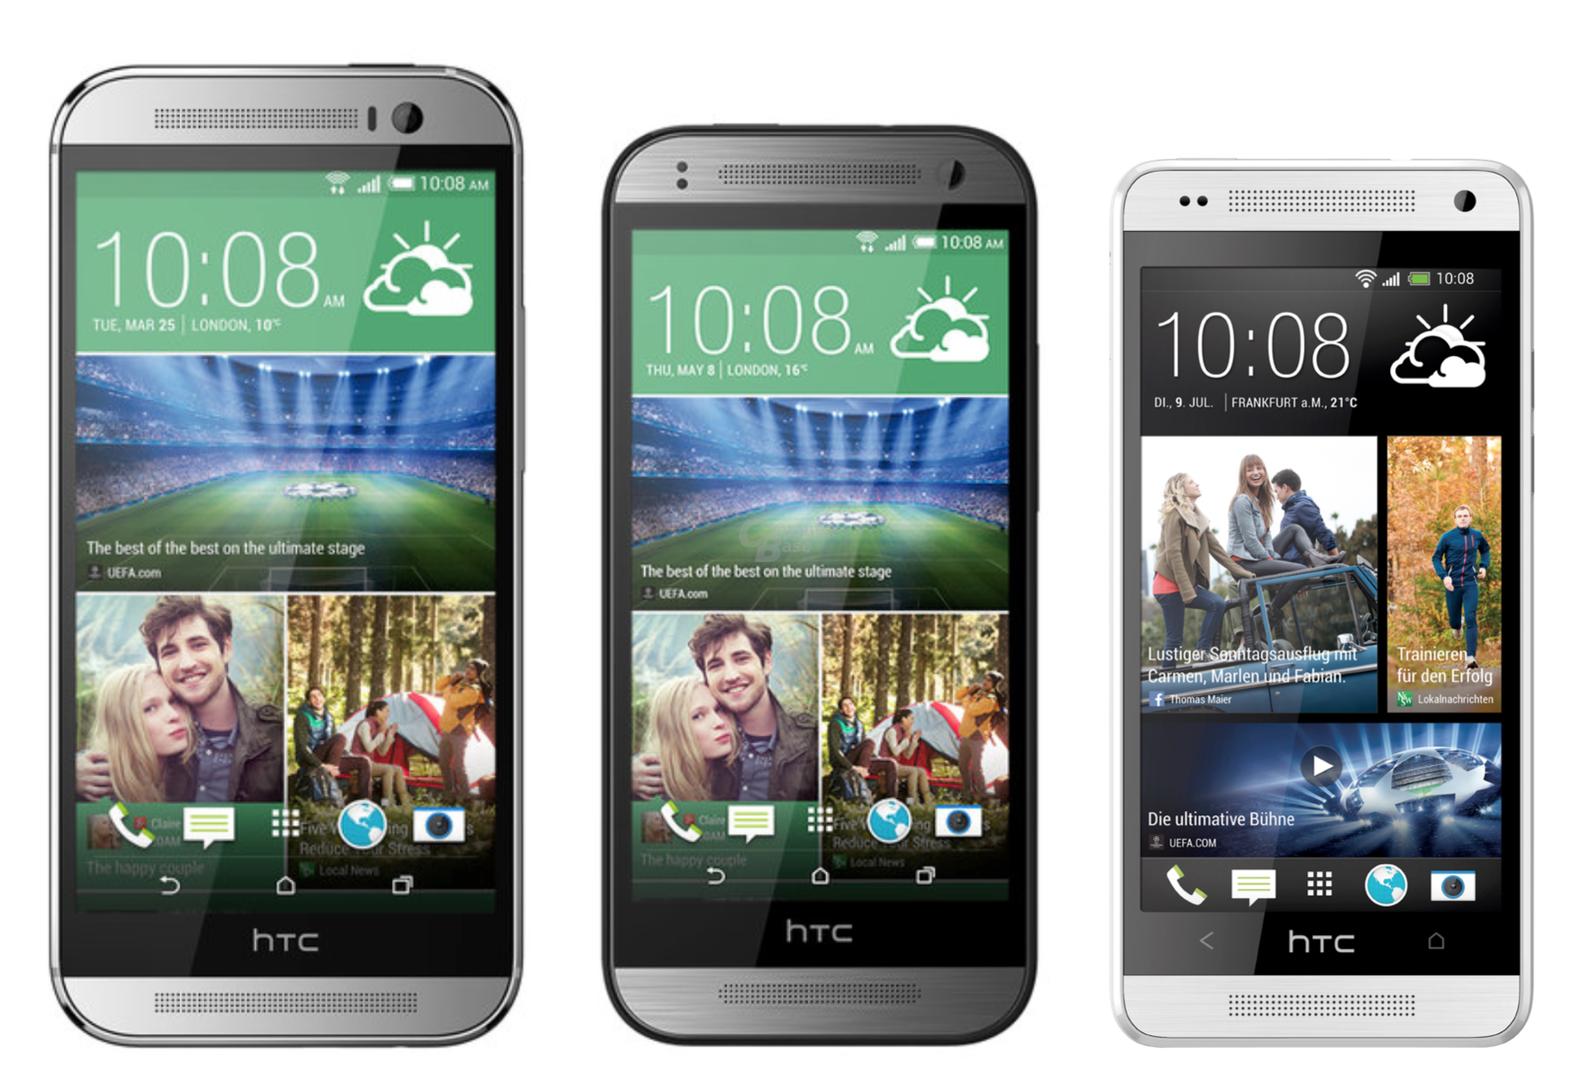 v.l.n.r.: HTC One (M8), HTC One mini 2, HTC One mini